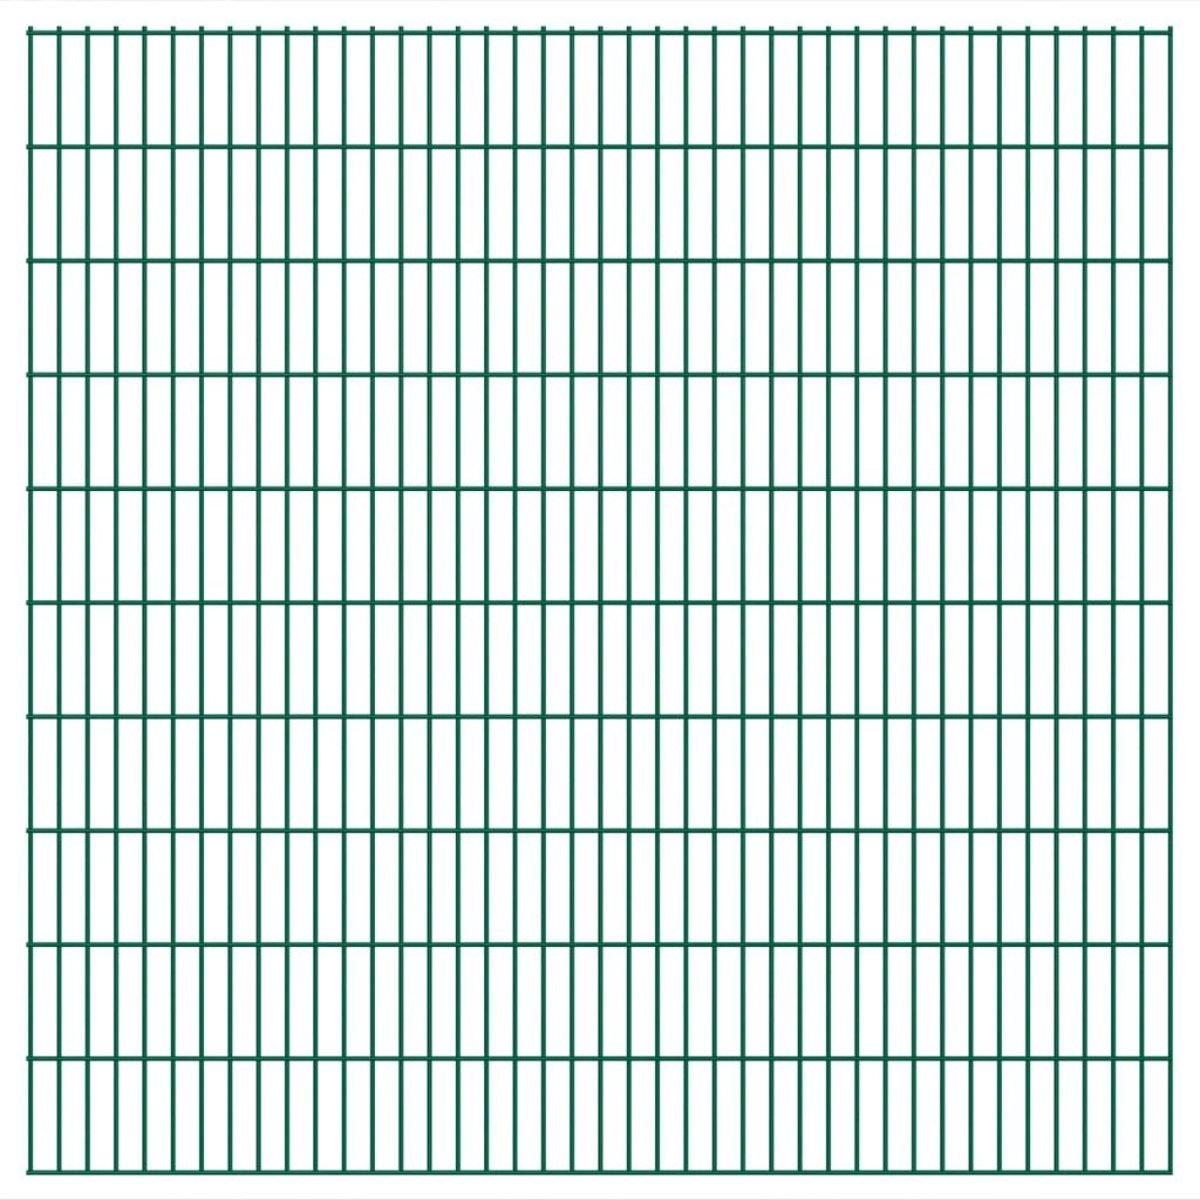 vidaXL Dubbelstaafmatten 2008 x 2030mm 44m Groen 22 stuks kopen